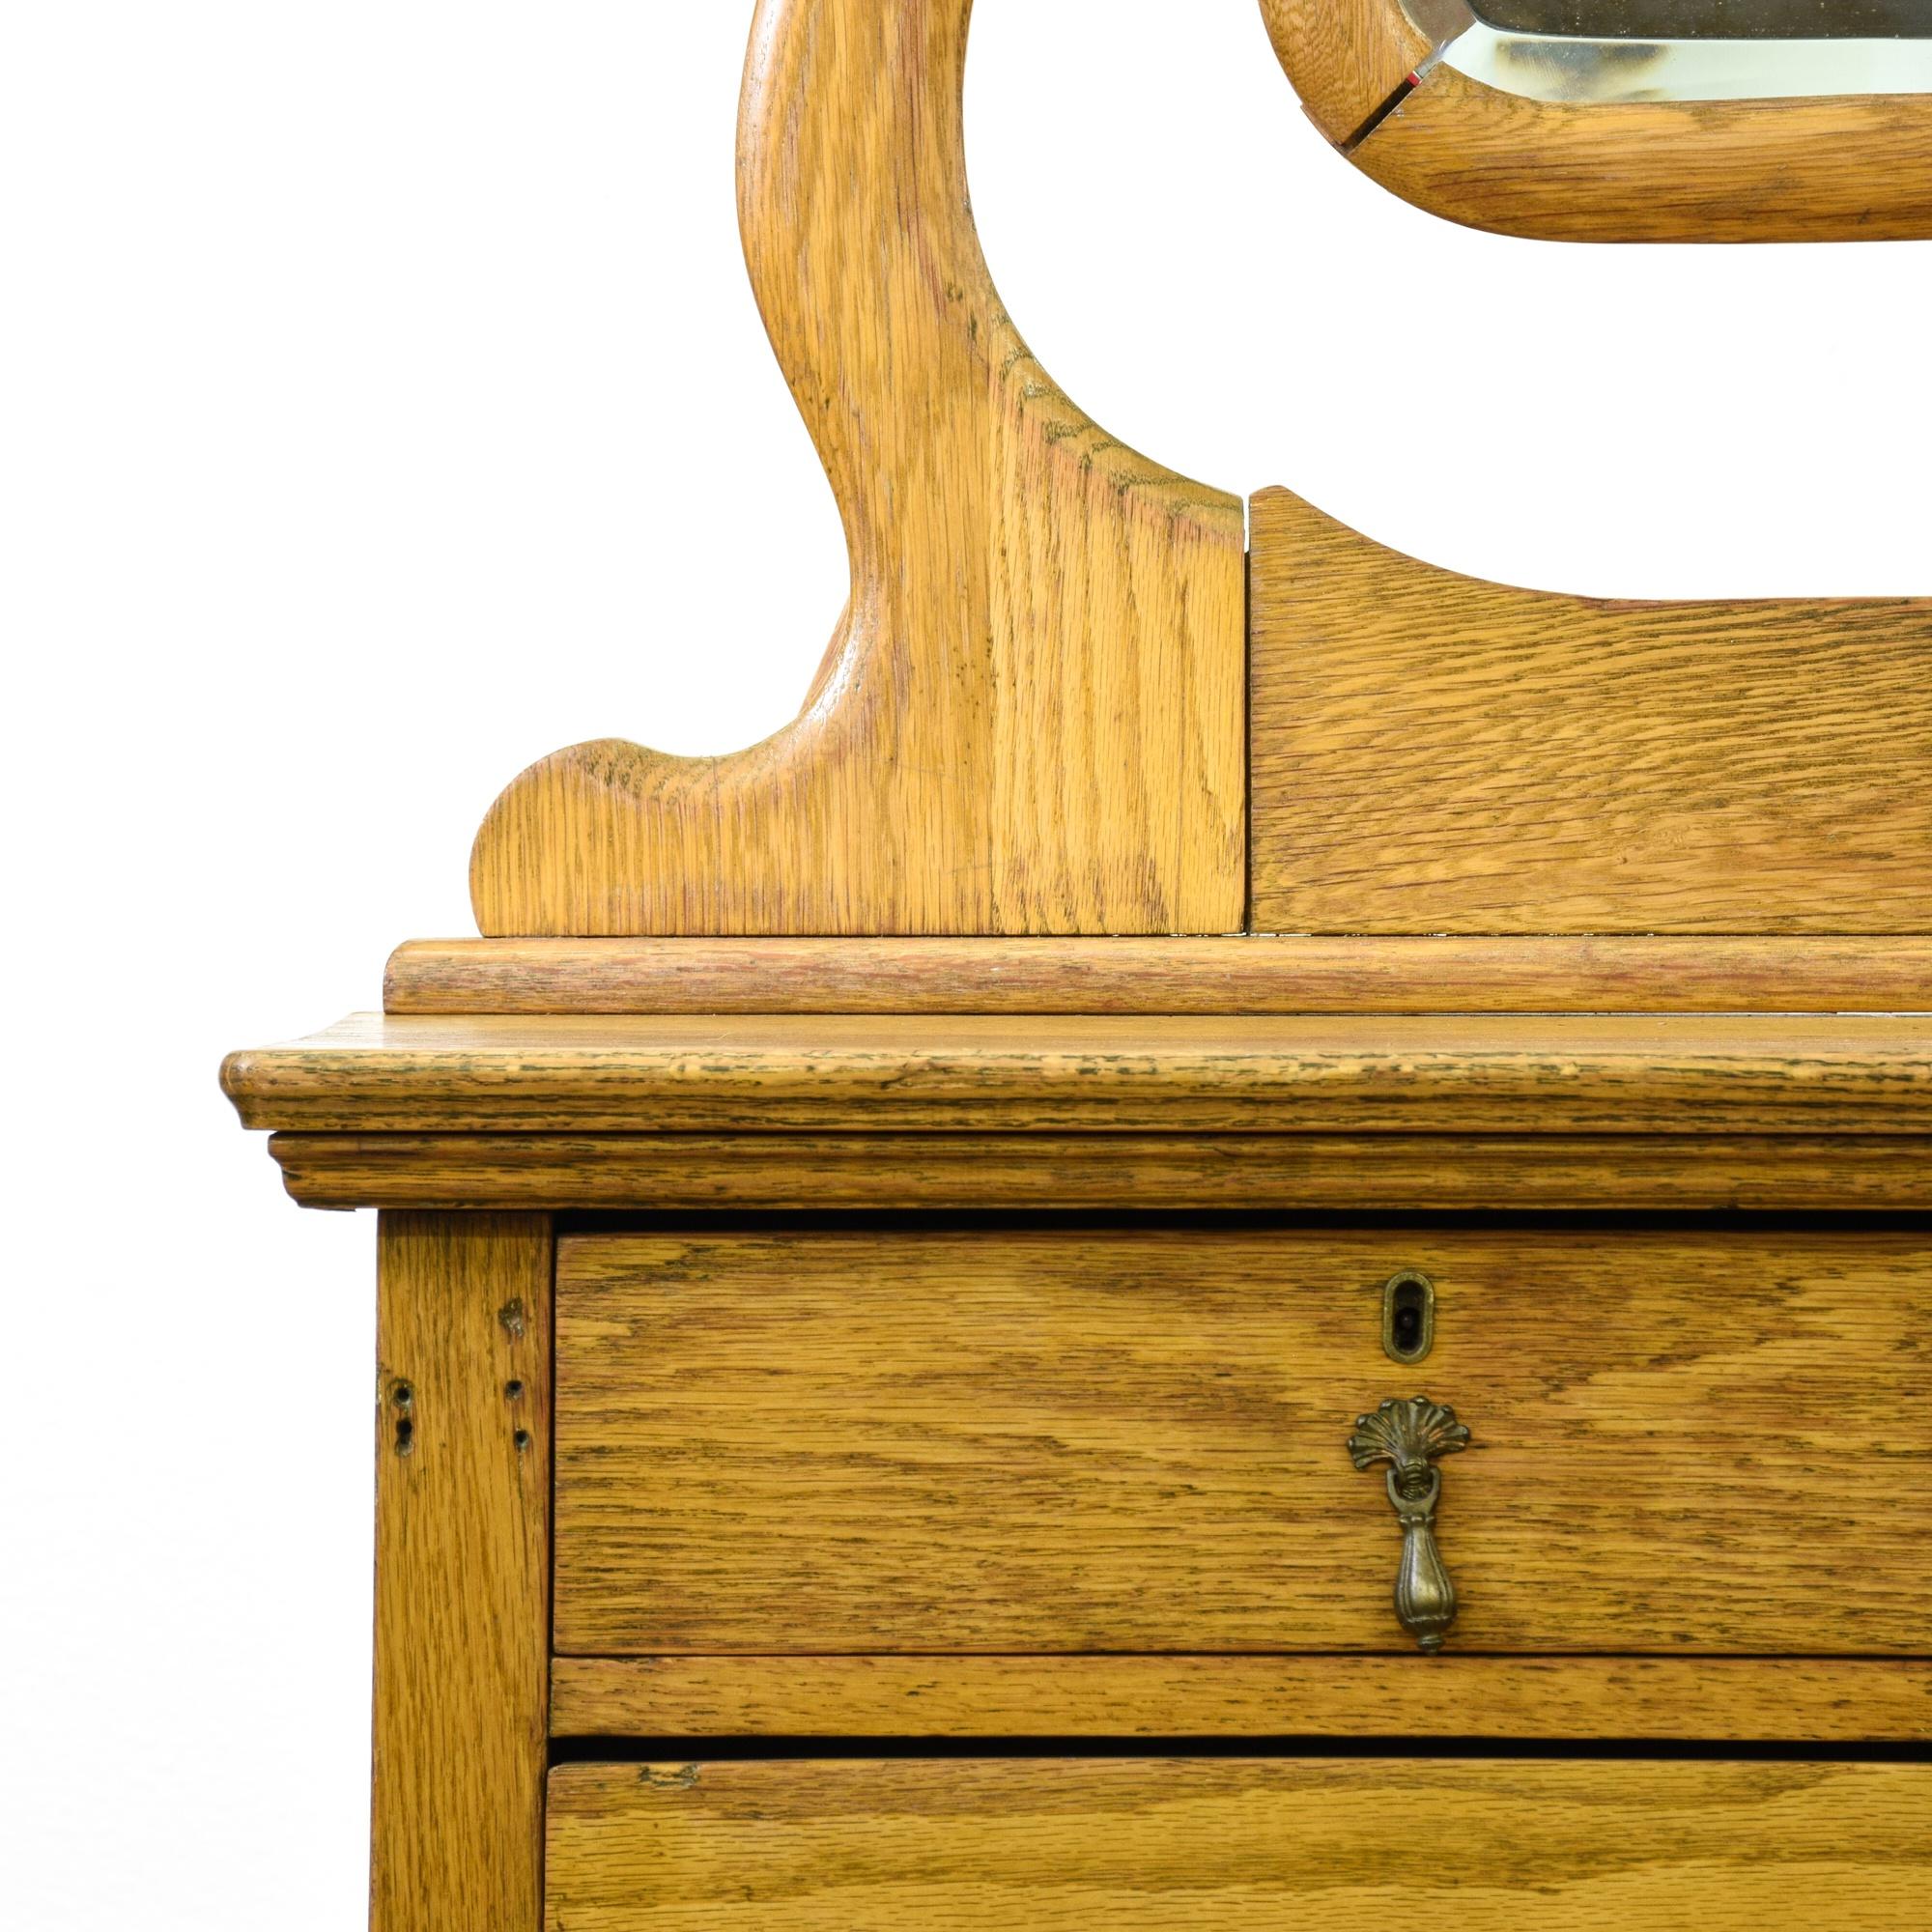 Repurposed Furniture Archives - Hungarian Workshop